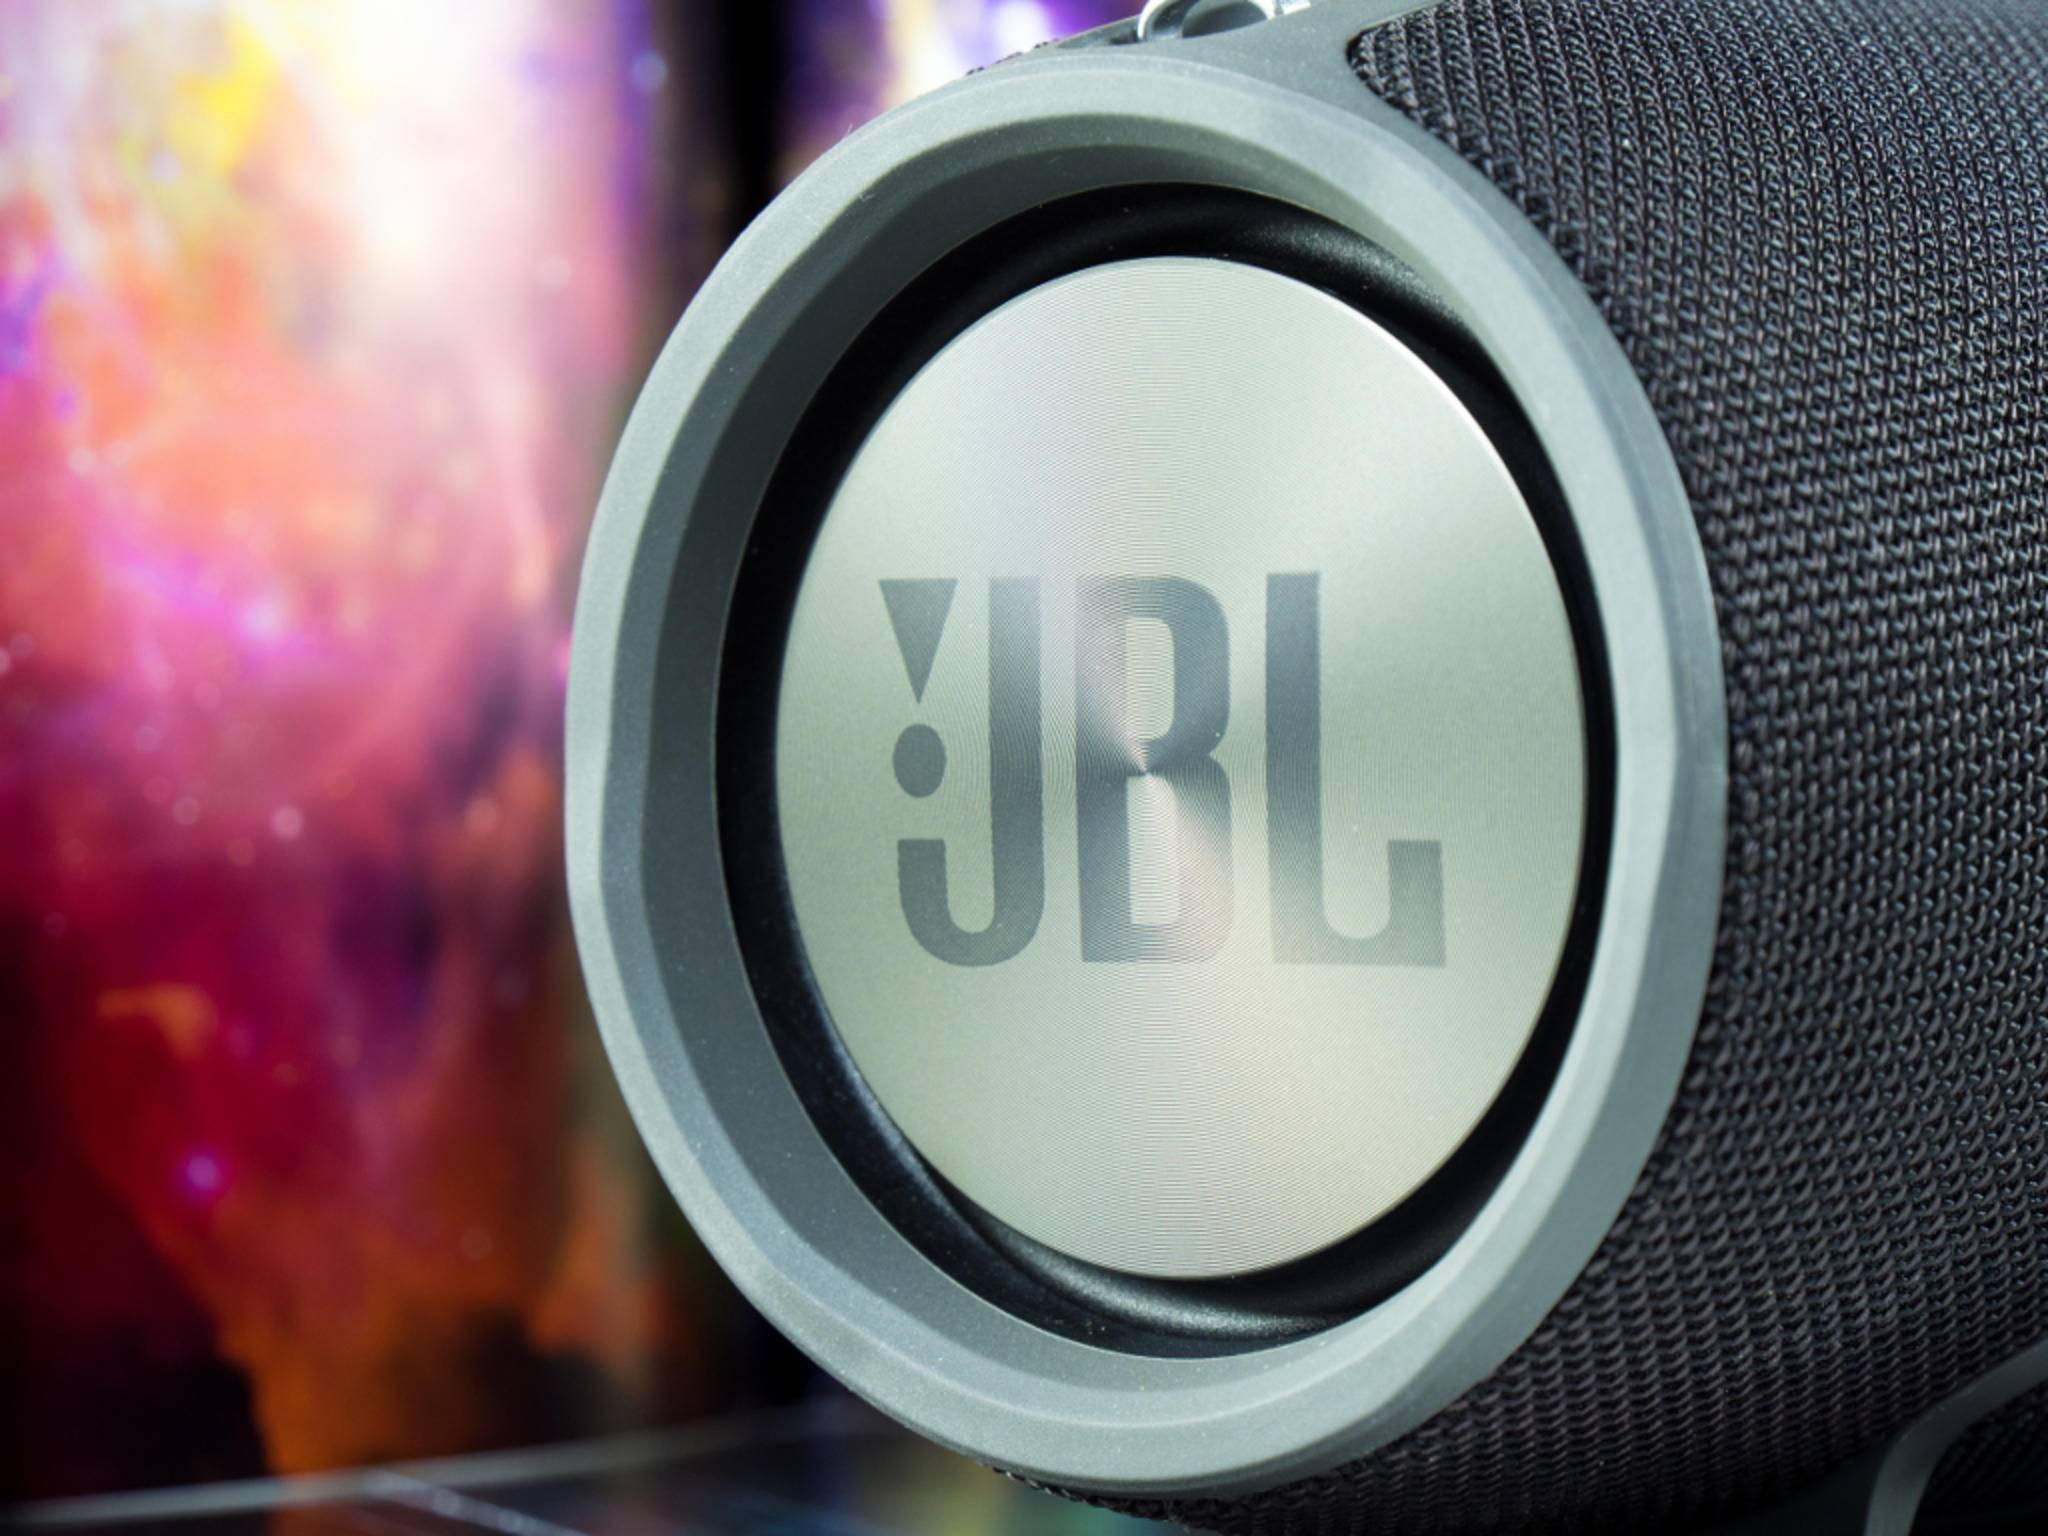 Rein optisch ist der Lautsprecher eine Augenweide.